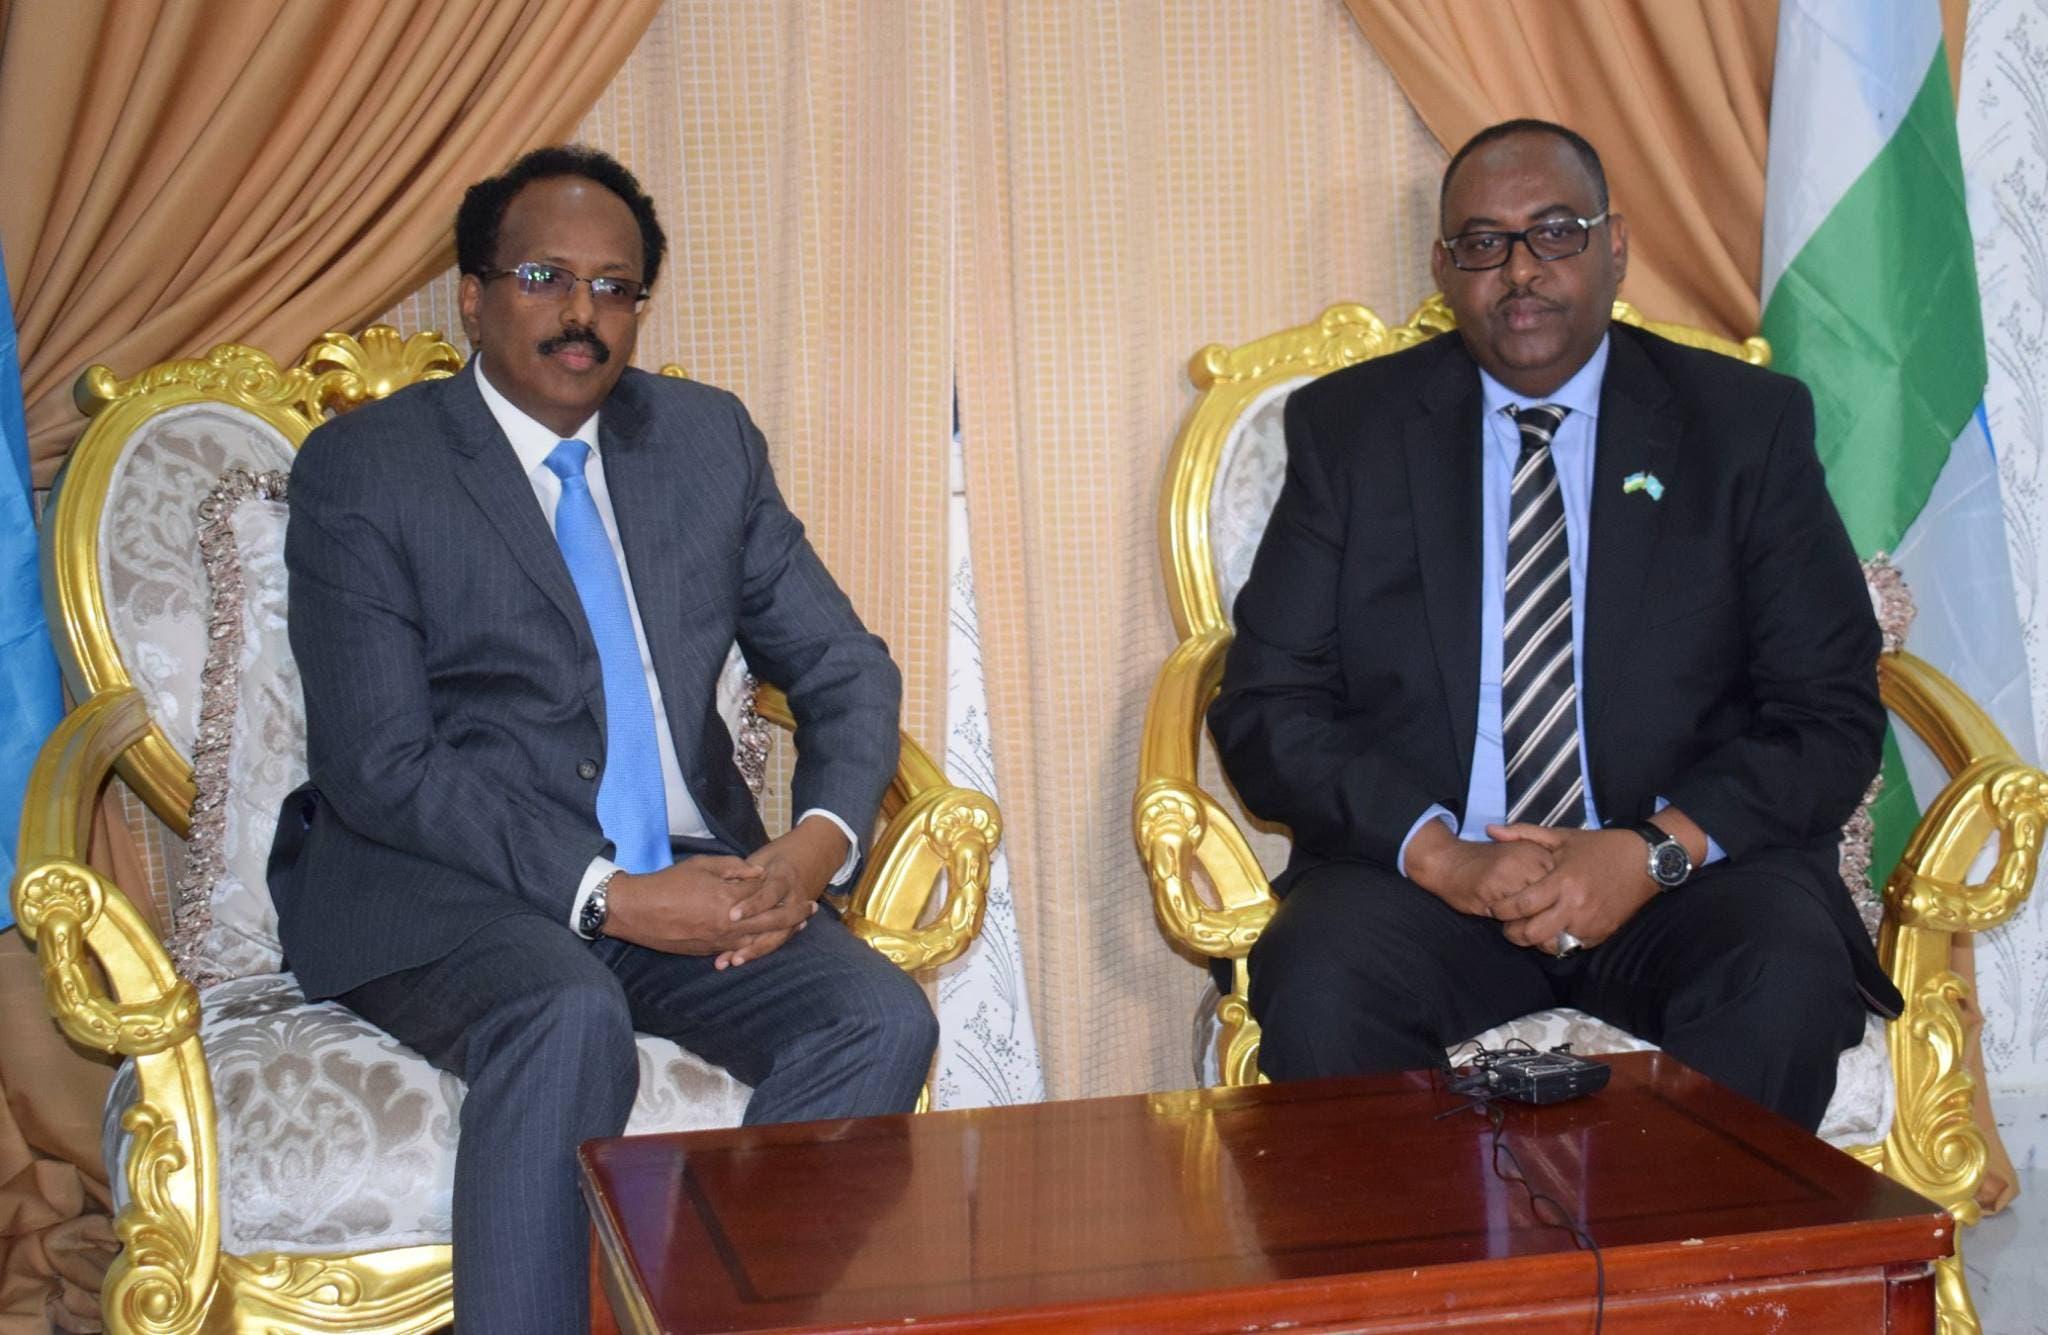 Dadaal lagu heshiisiin rabay Puntland iyo Villa Somalia oo fashilmay – Yaa diiday?